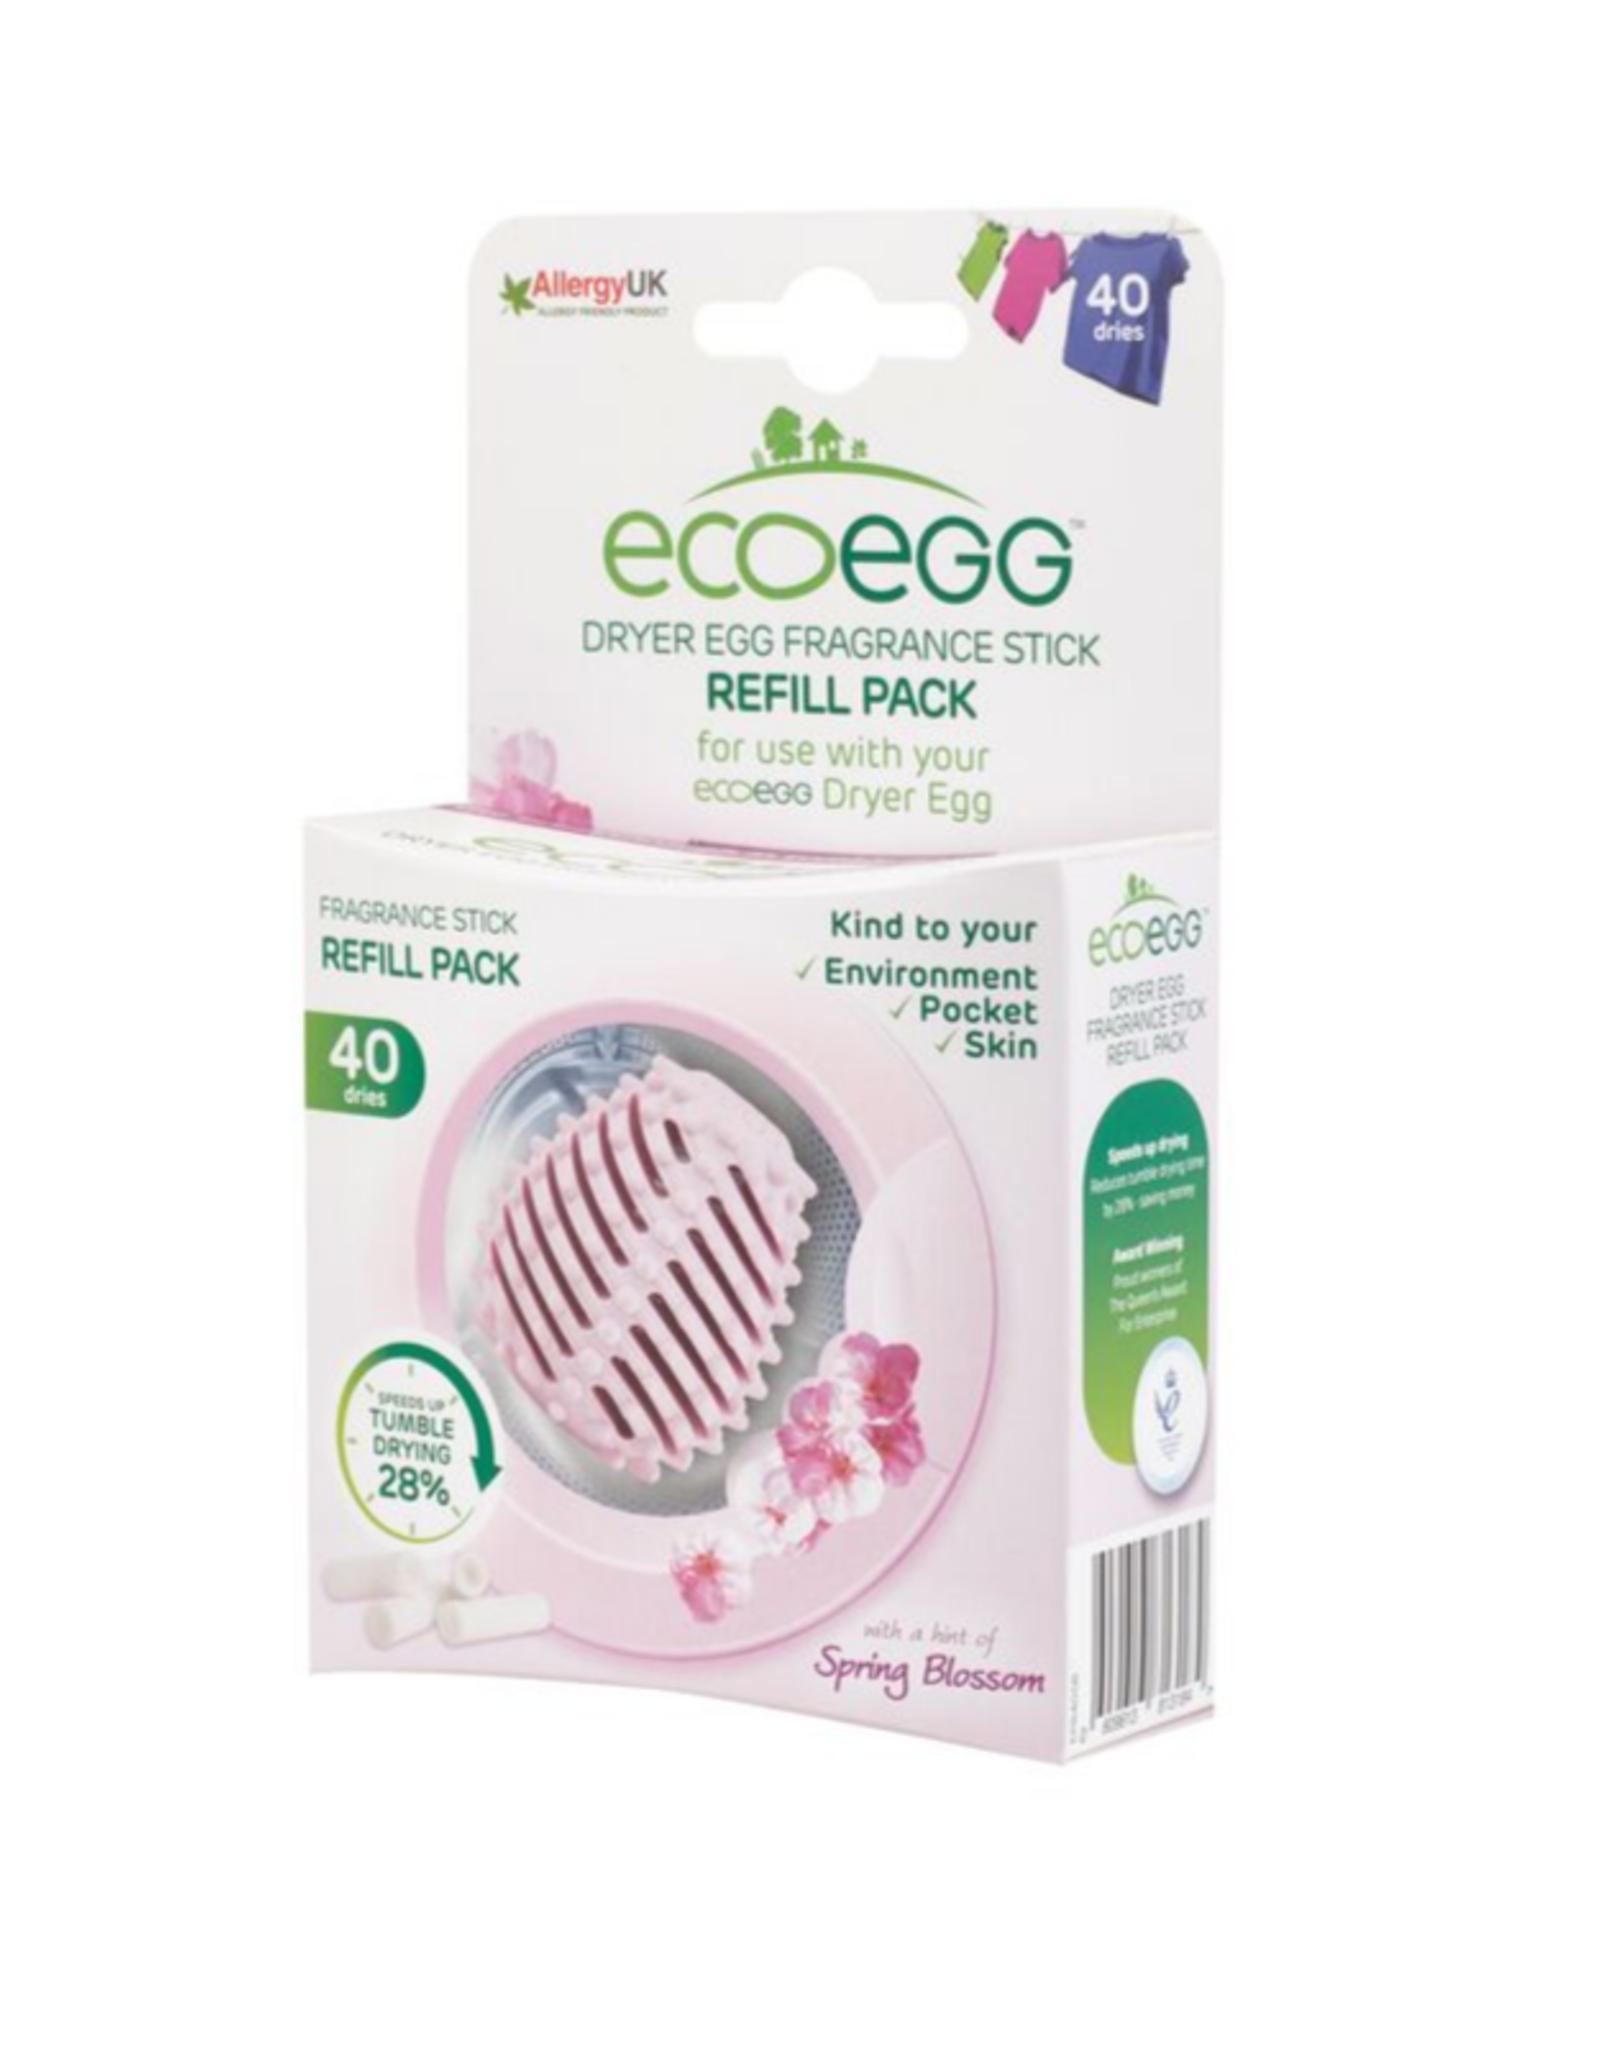 Ecoegg ecoegg Dryer Egg Refill Spring Blossom 40 dries